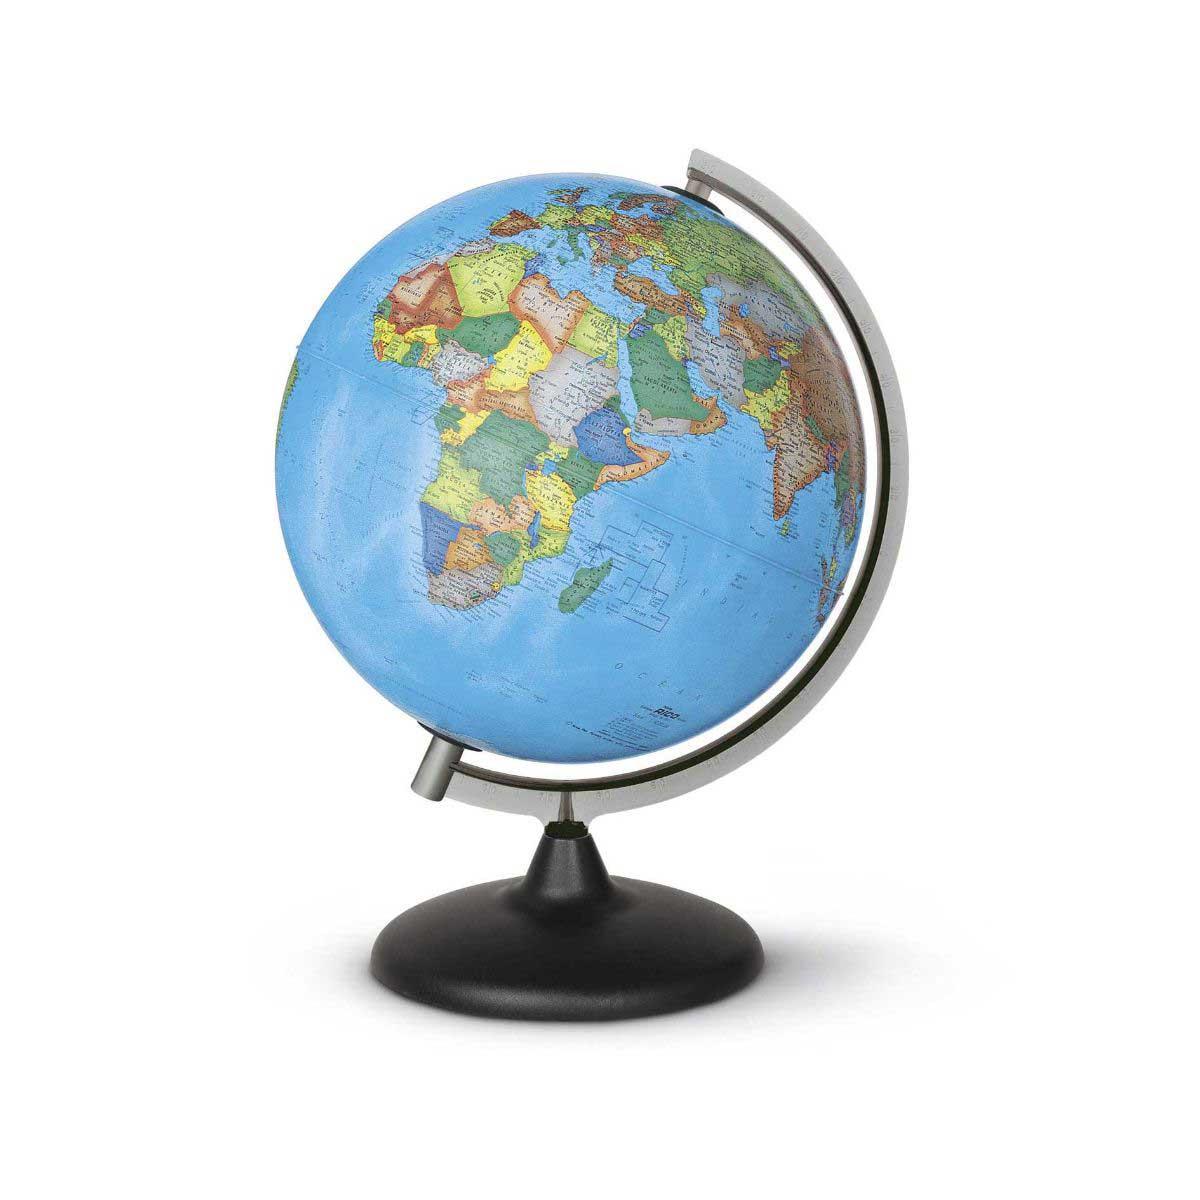 Image of Corallo Political Globe 30cm, Non-Illuminated